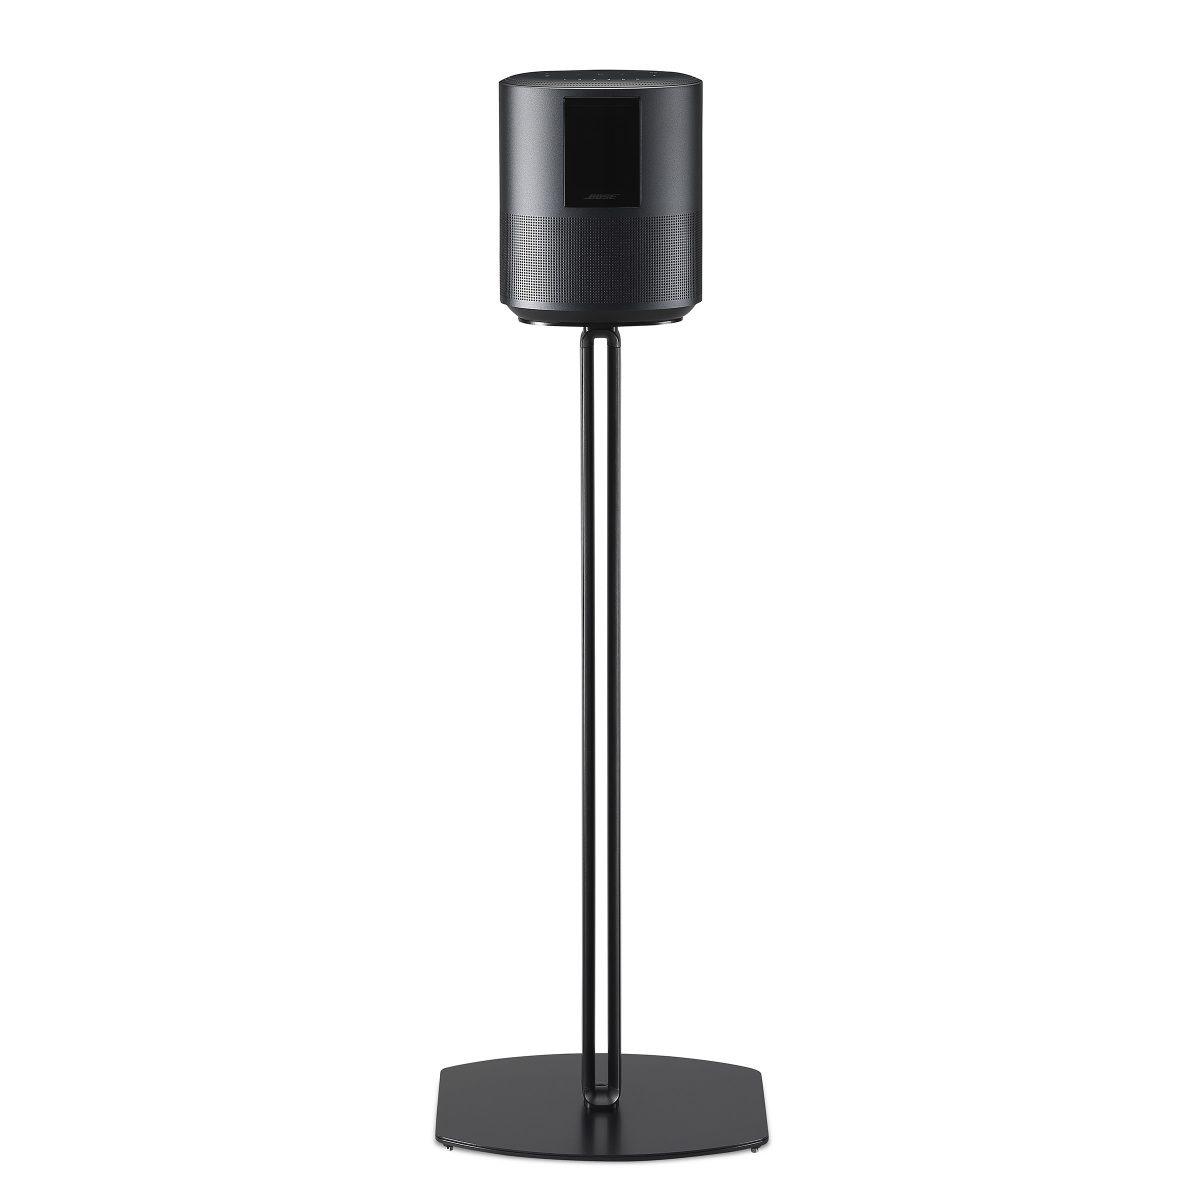 Foto van SoundXtra Bose Home speaker 500 standaard Audio vloerstandaard